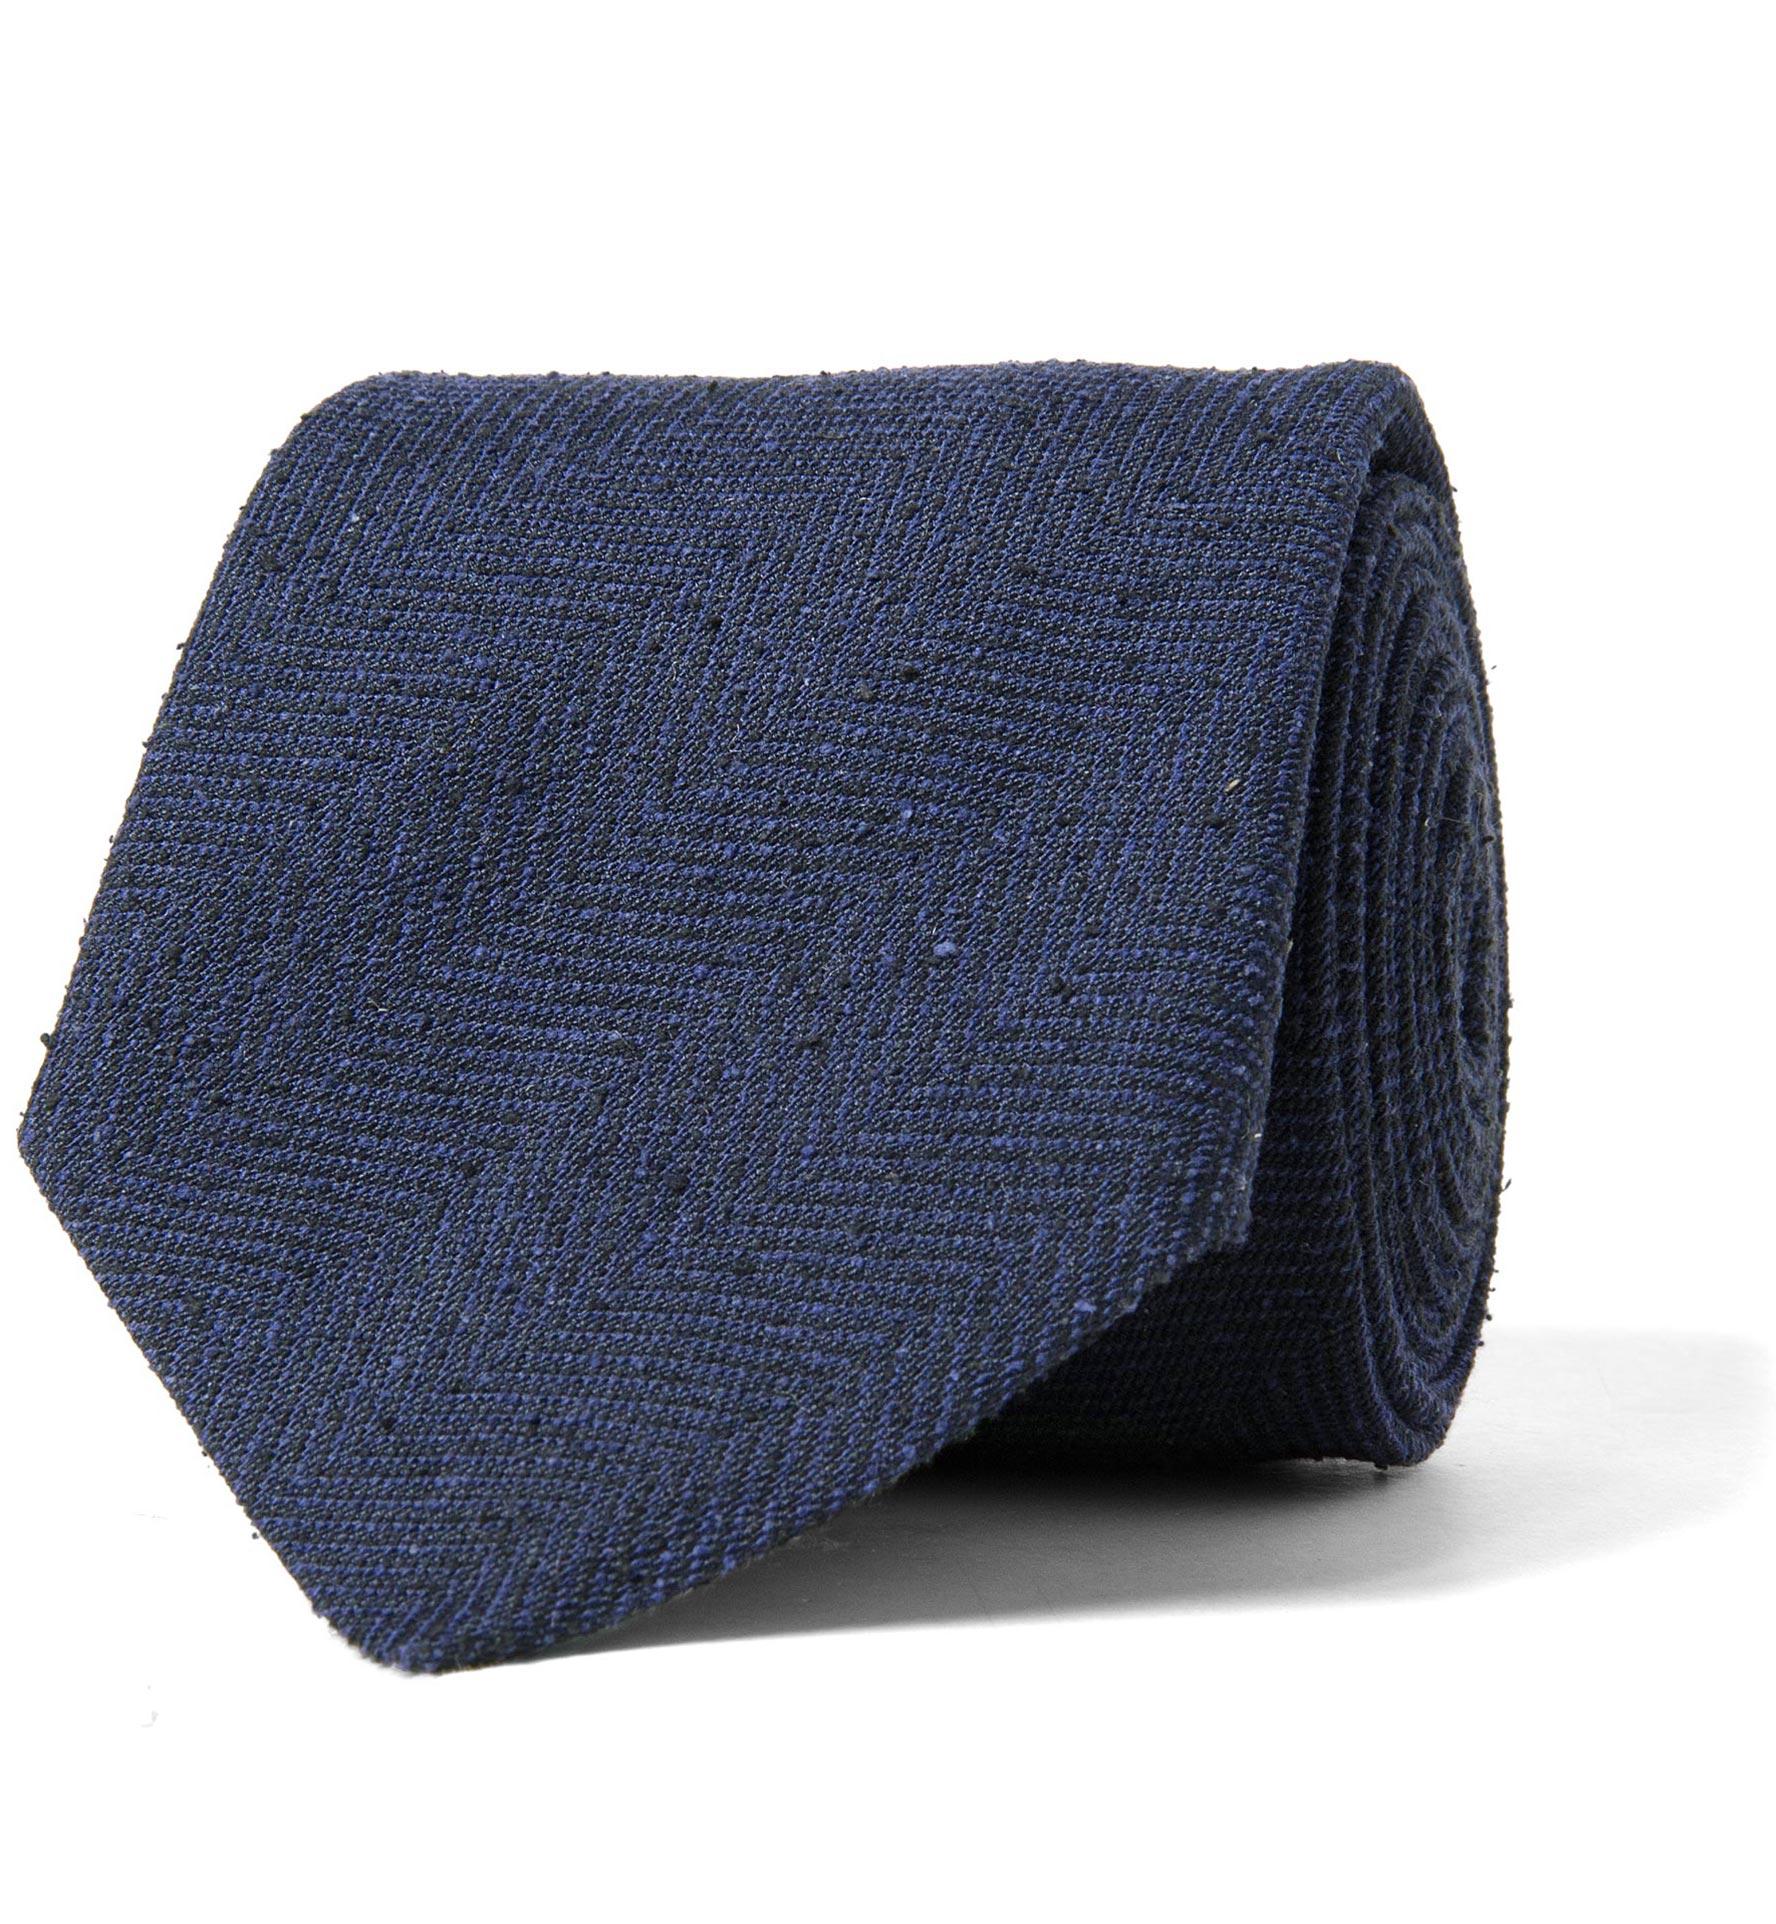 Zoom Image of Navy Herringbone Raw Silk Tie